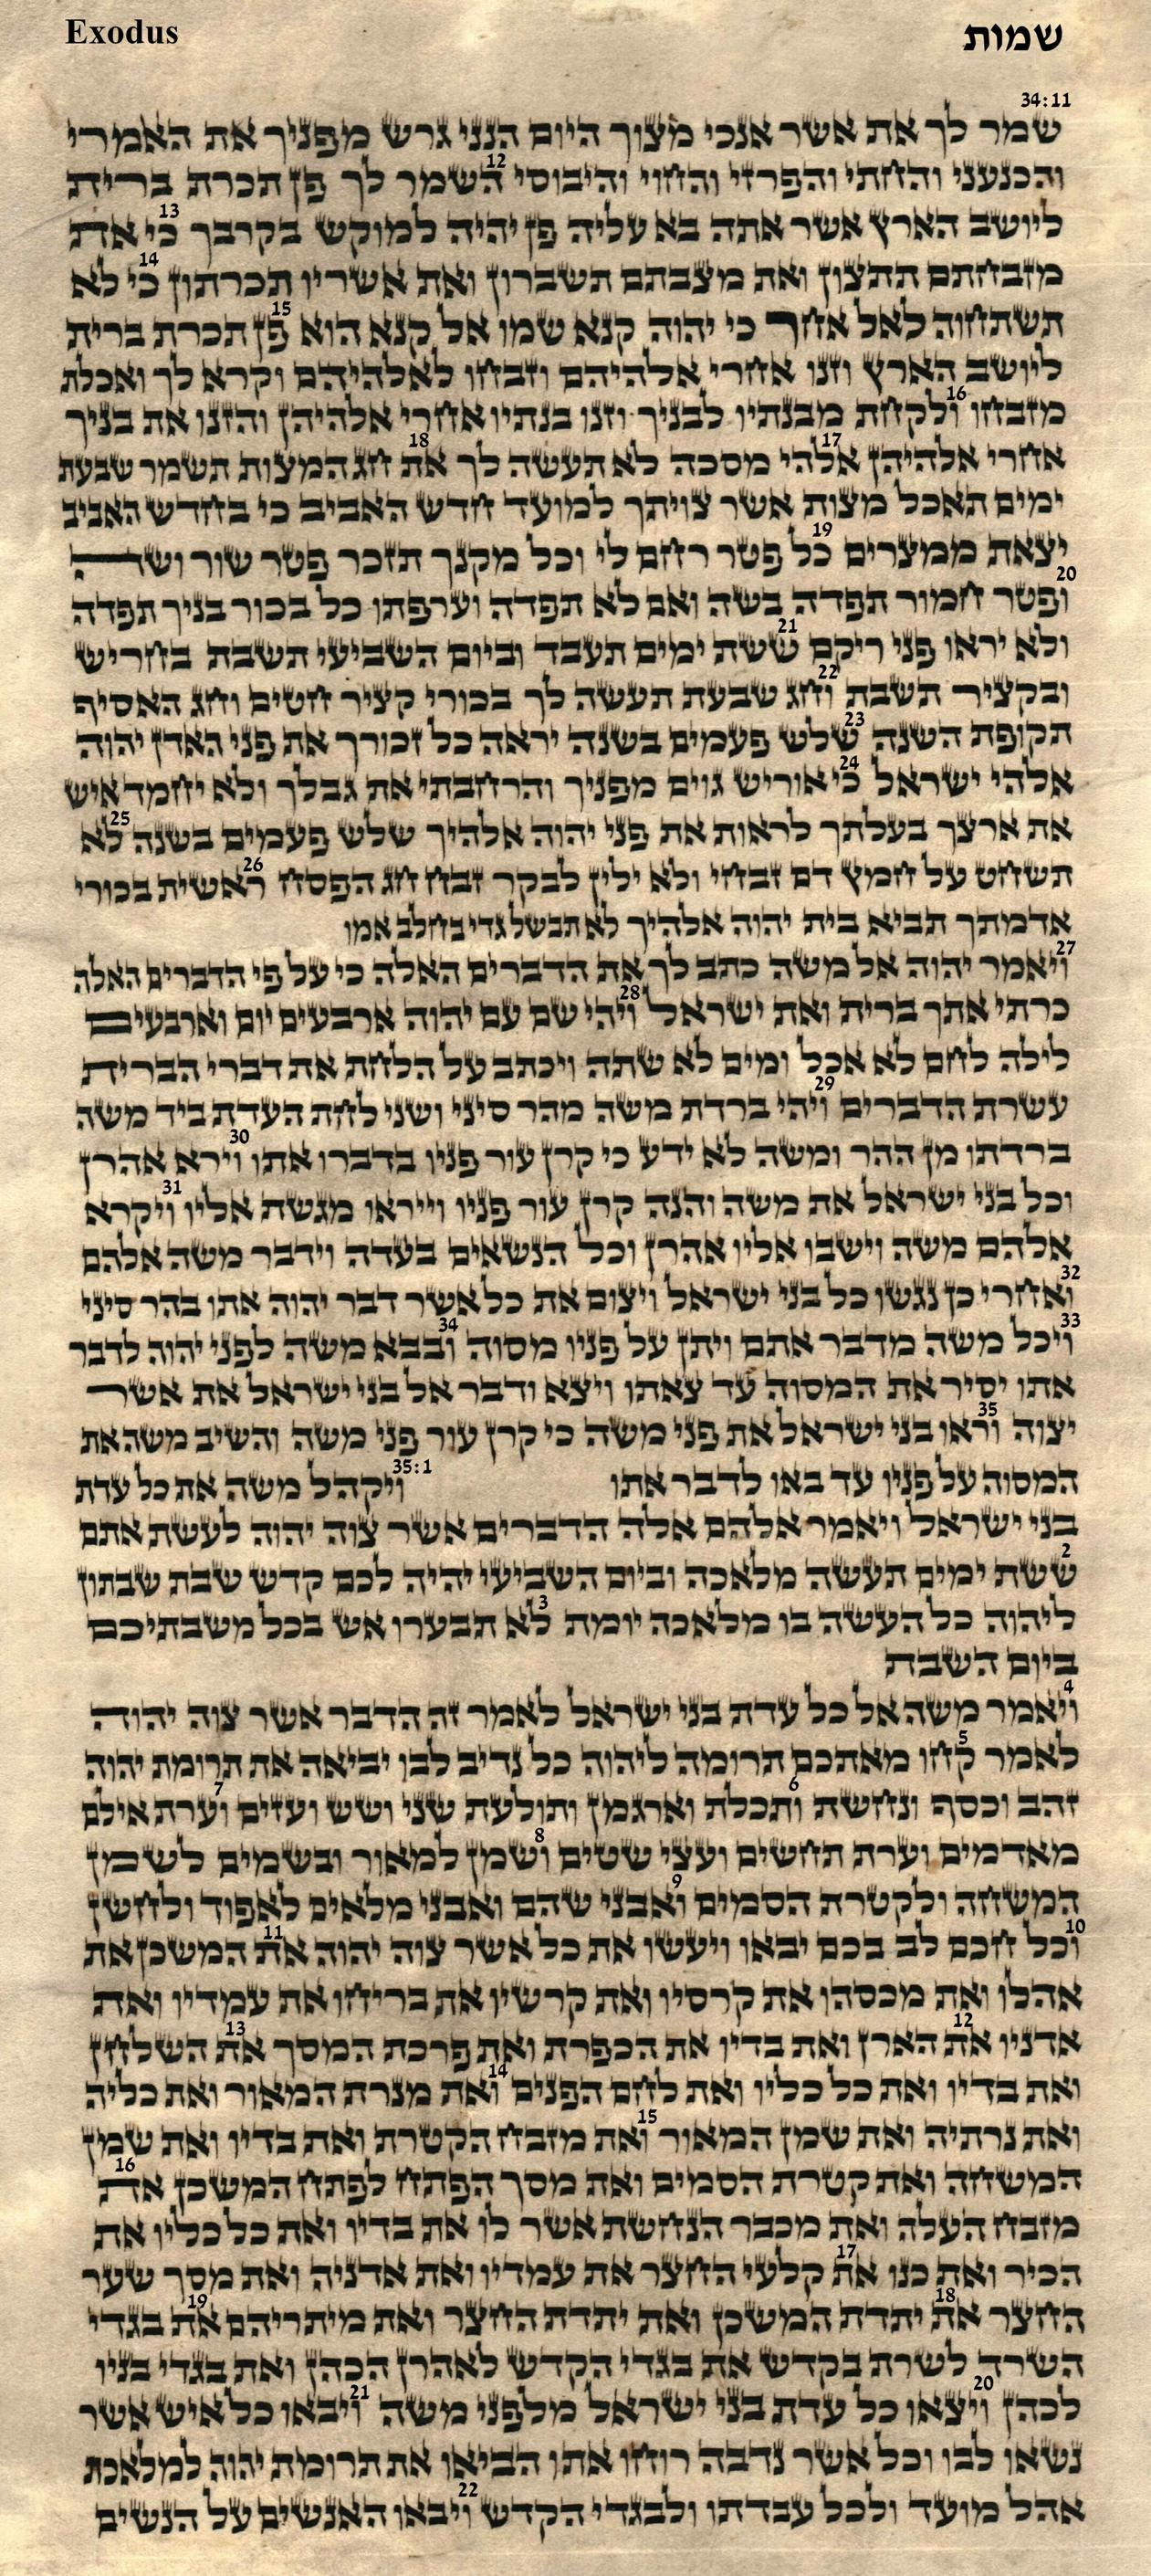 Exodus 34.11 -35.22